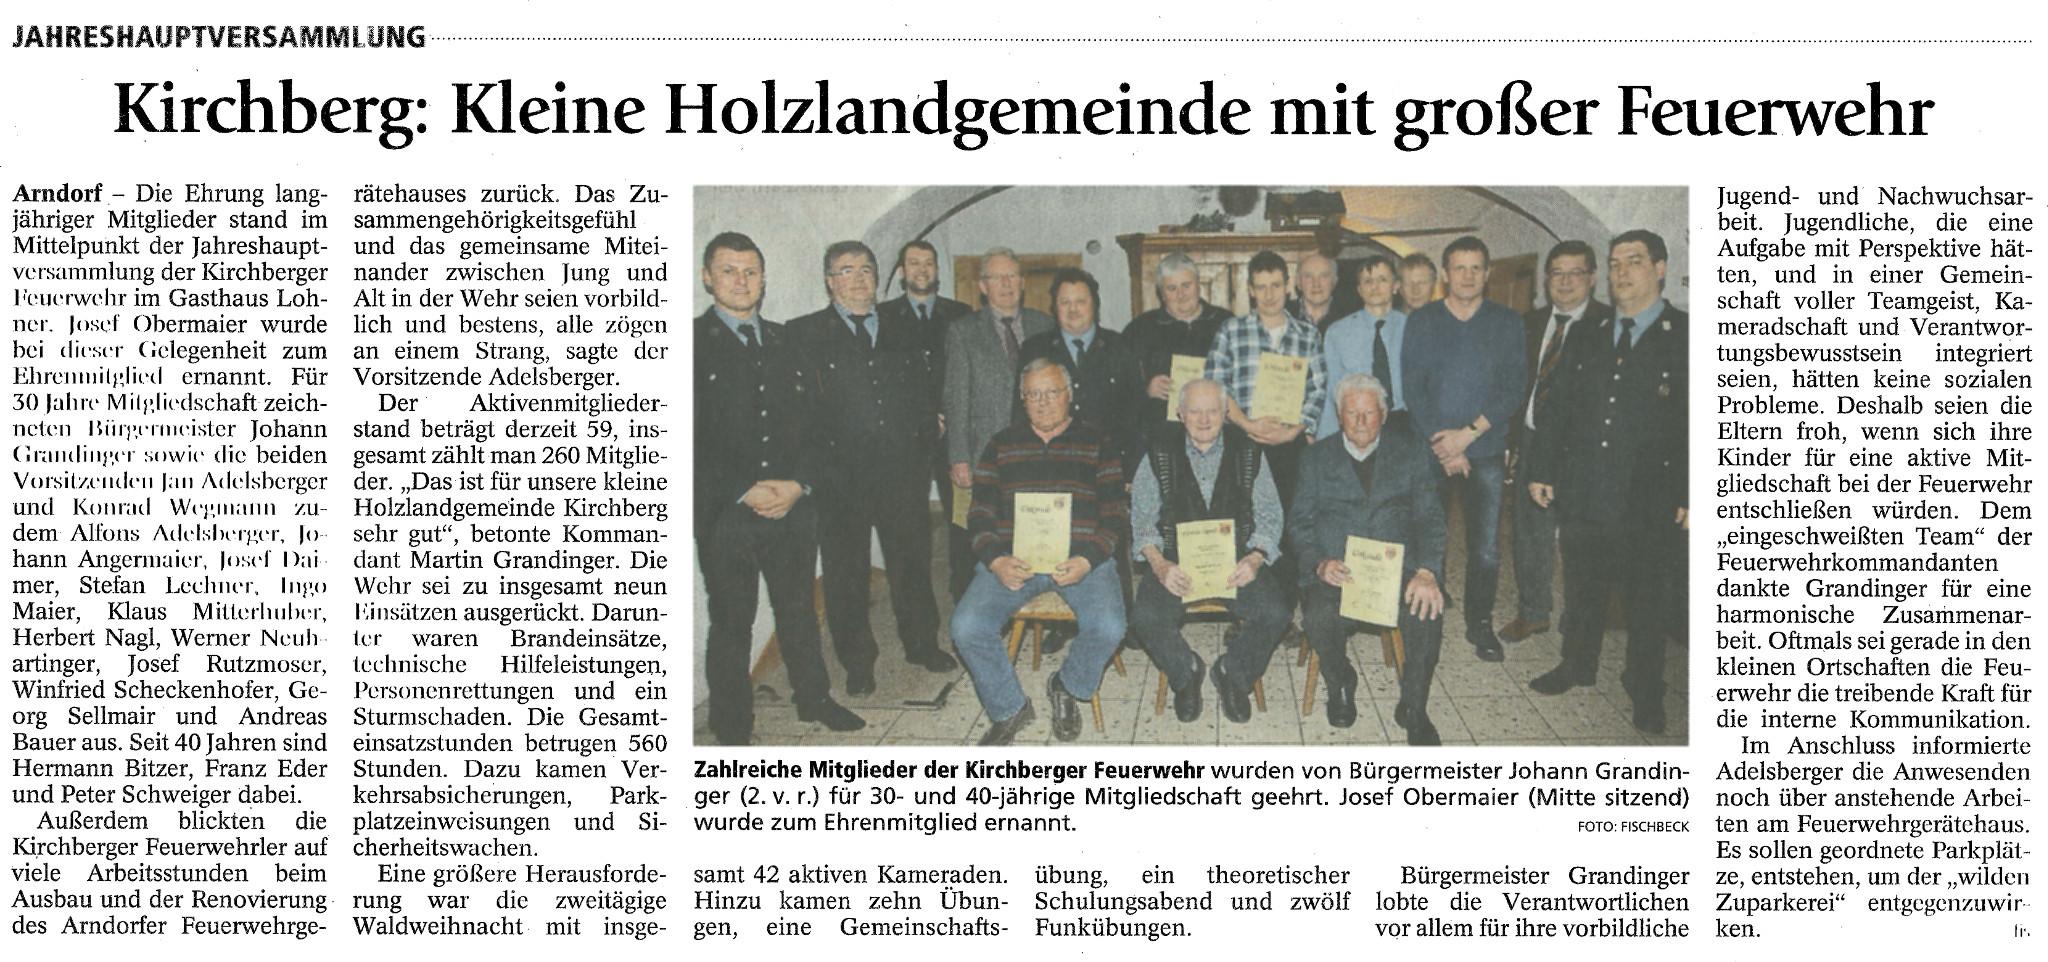 2015_03_27-Zeitungsartikel_Jahreshauptversammlung